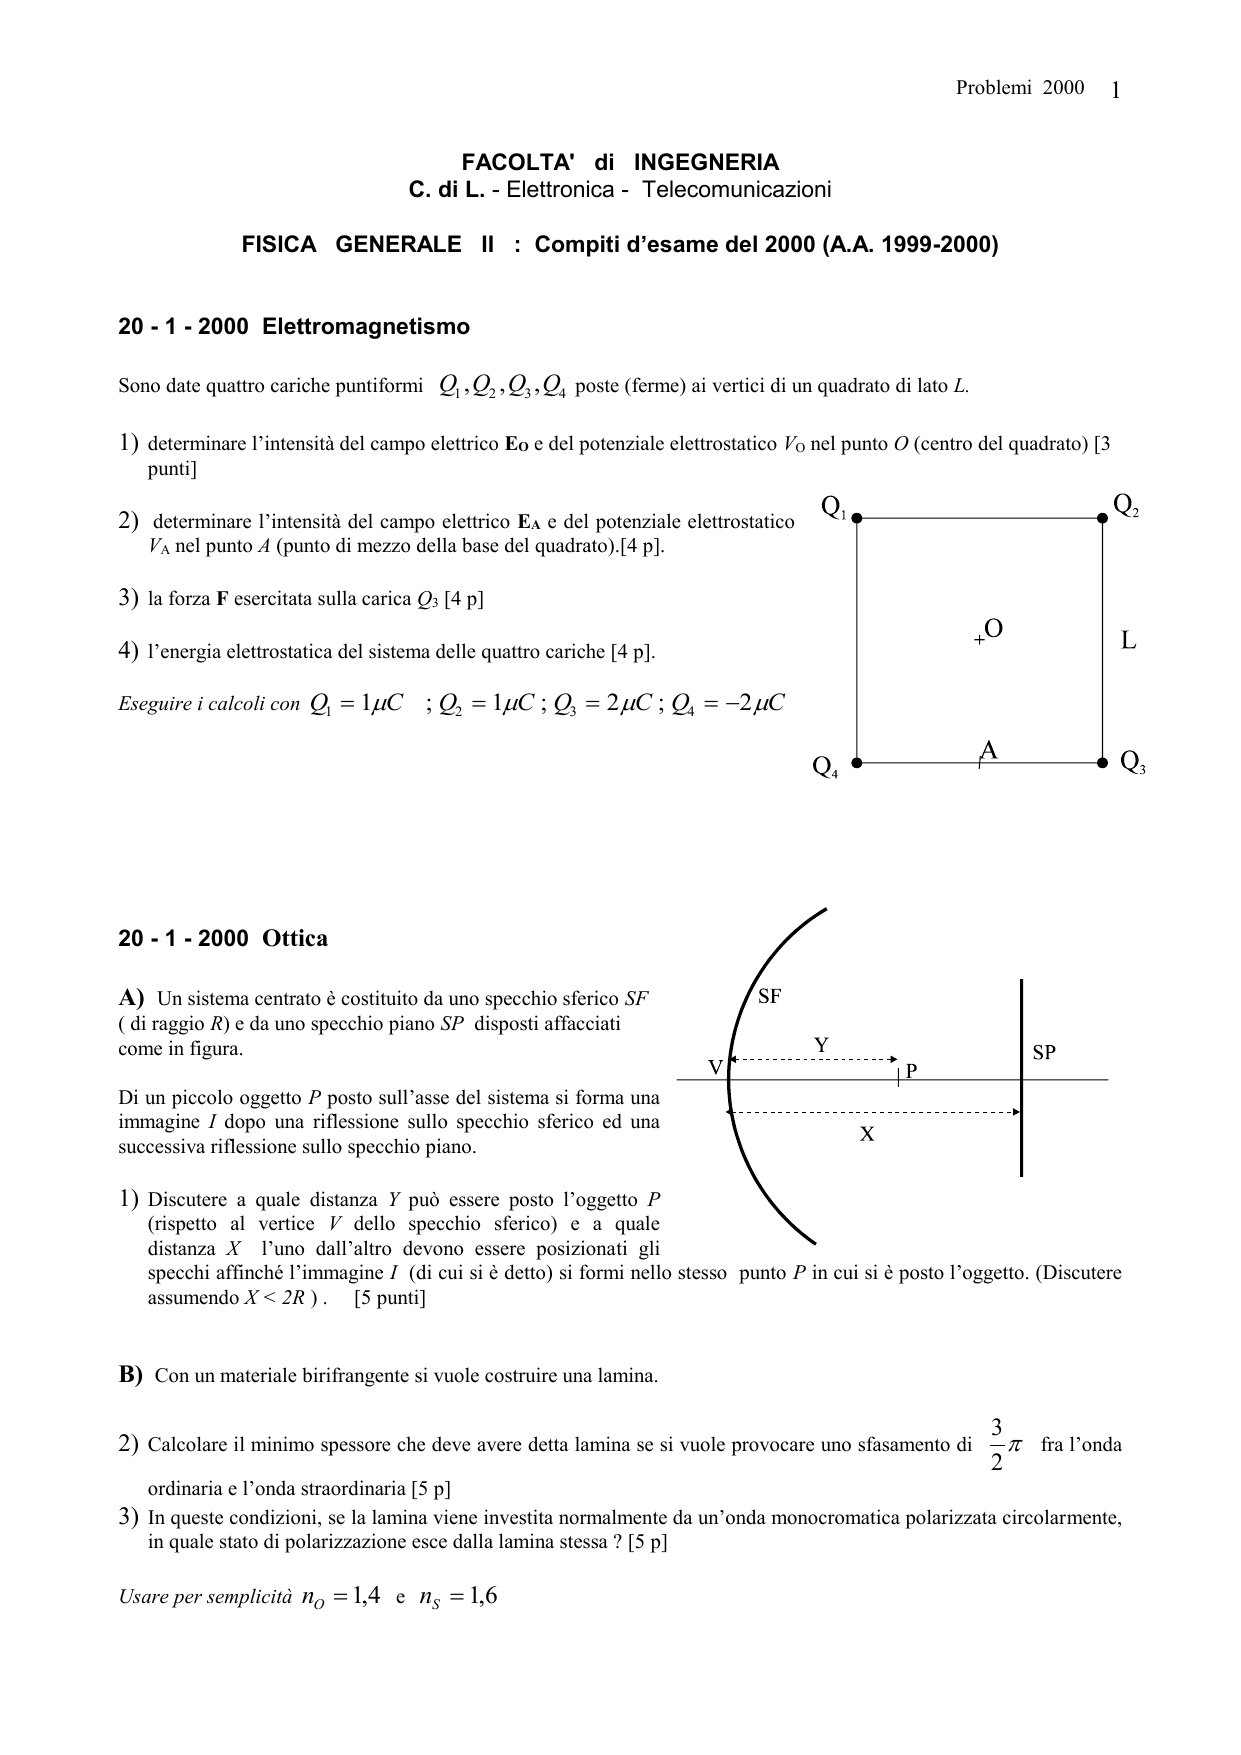 79b6855d38 Problemi 2000 1 FACOLTA' di INGEGNERIA C. di L. - Elettronica -  Telecomunicazioni FISICA GENERALE II : Compiti d'esame del 2000 (A.A.  1999-2000) 20 - 1 ...